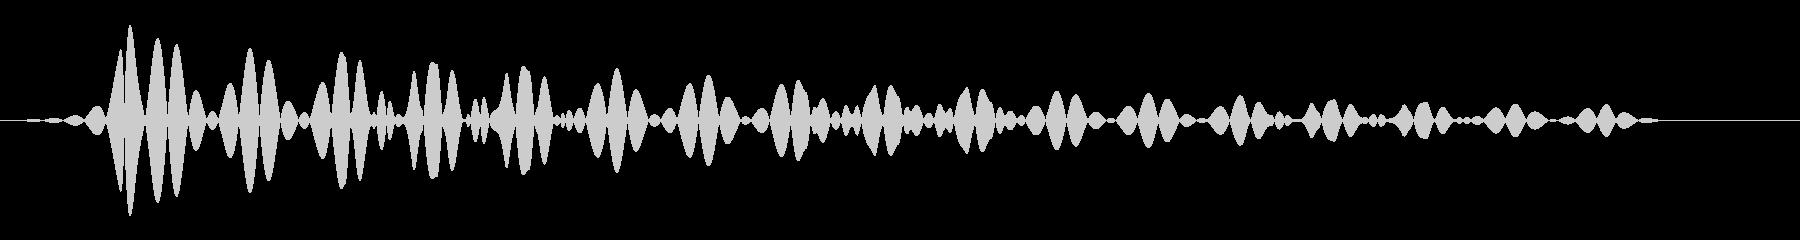 シンプルなキャンセル音の未再生の波形